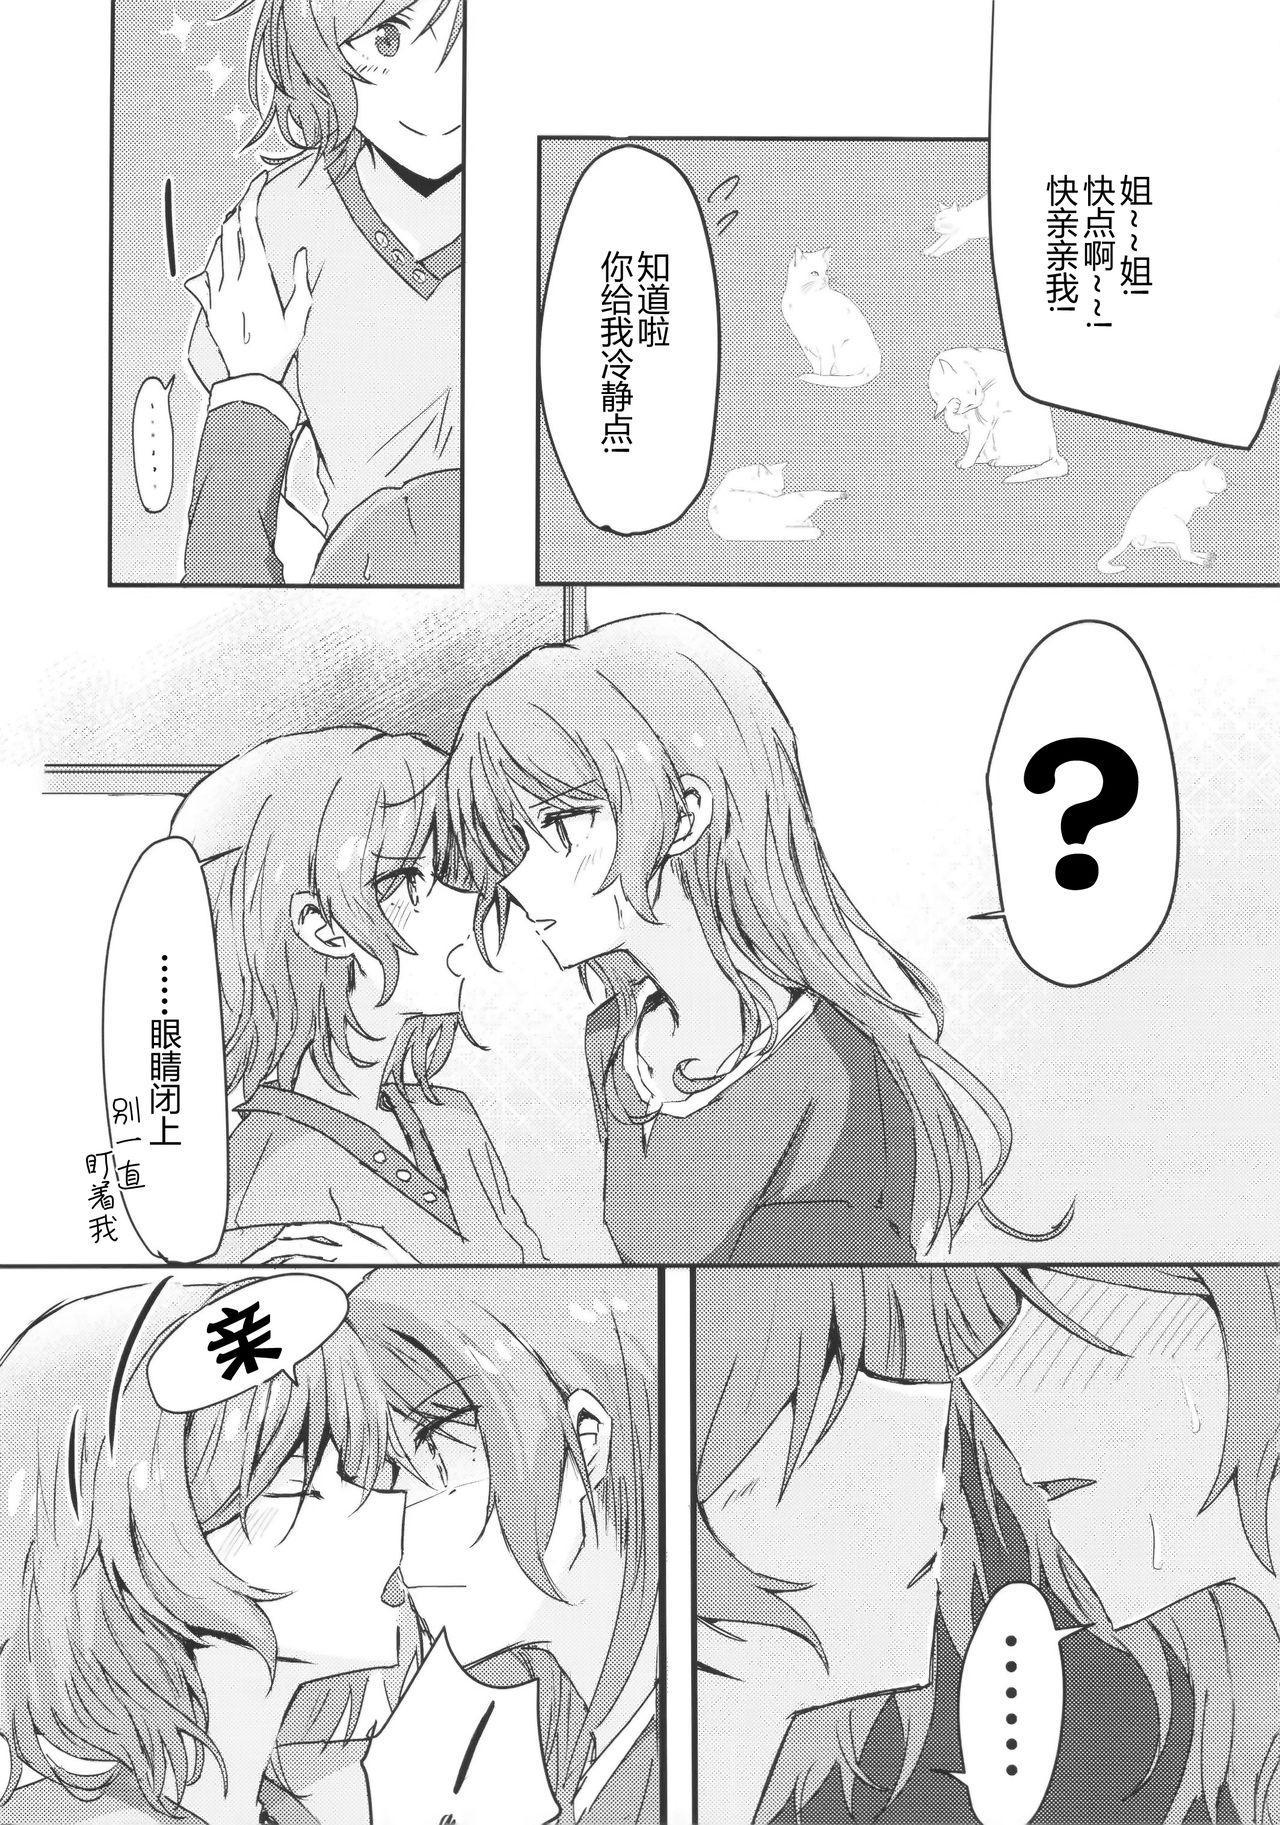 氷川姉妹18禁合同「今日は一緒に寝てもいい?」 8